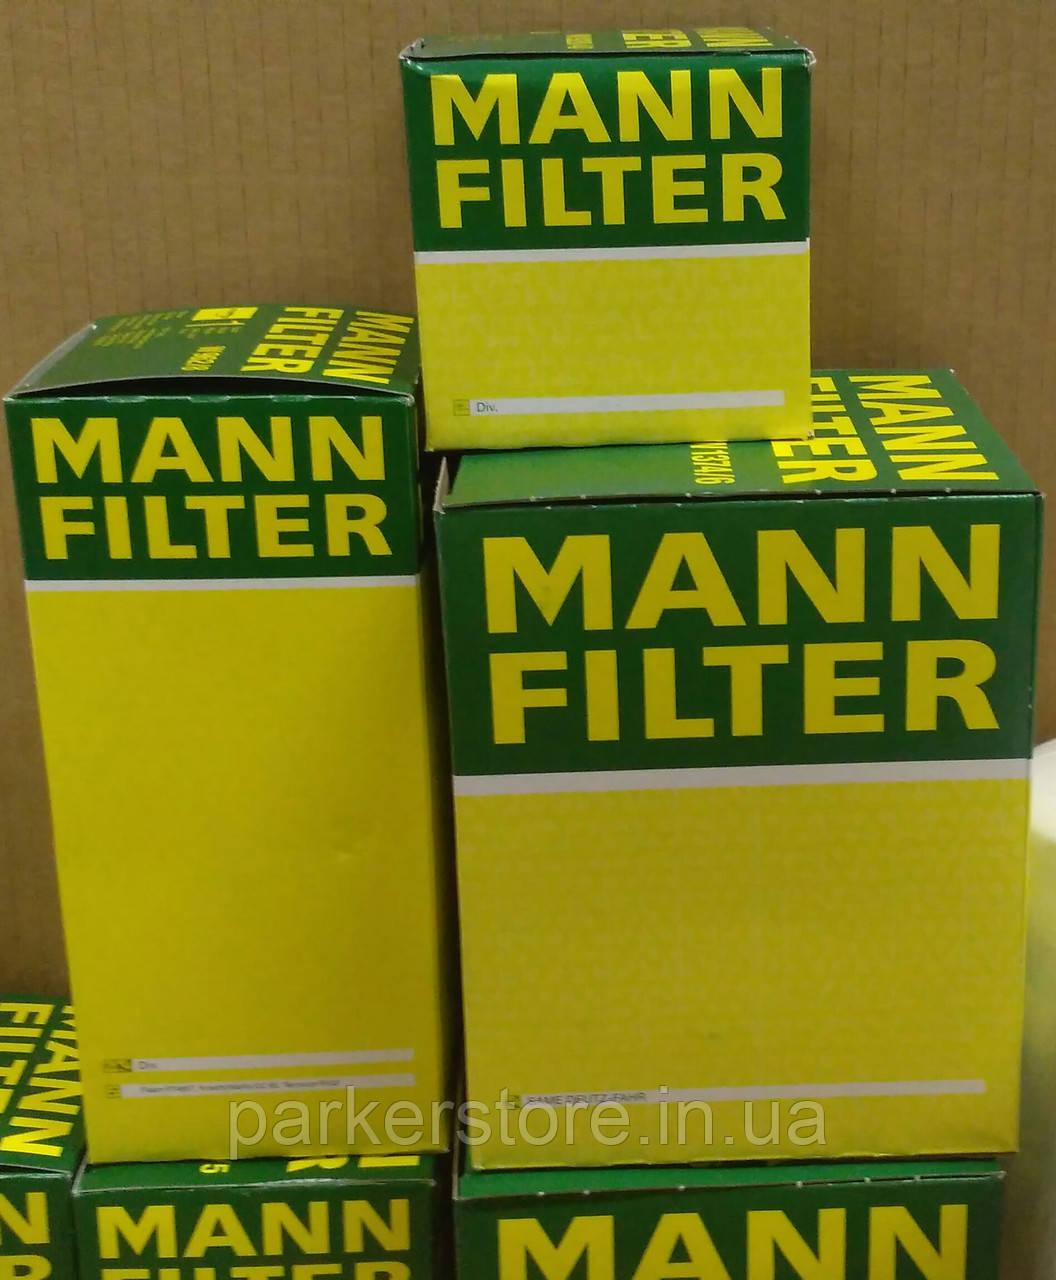 MANN FILTER / Повітряний фільтр / C 2452 / C2452